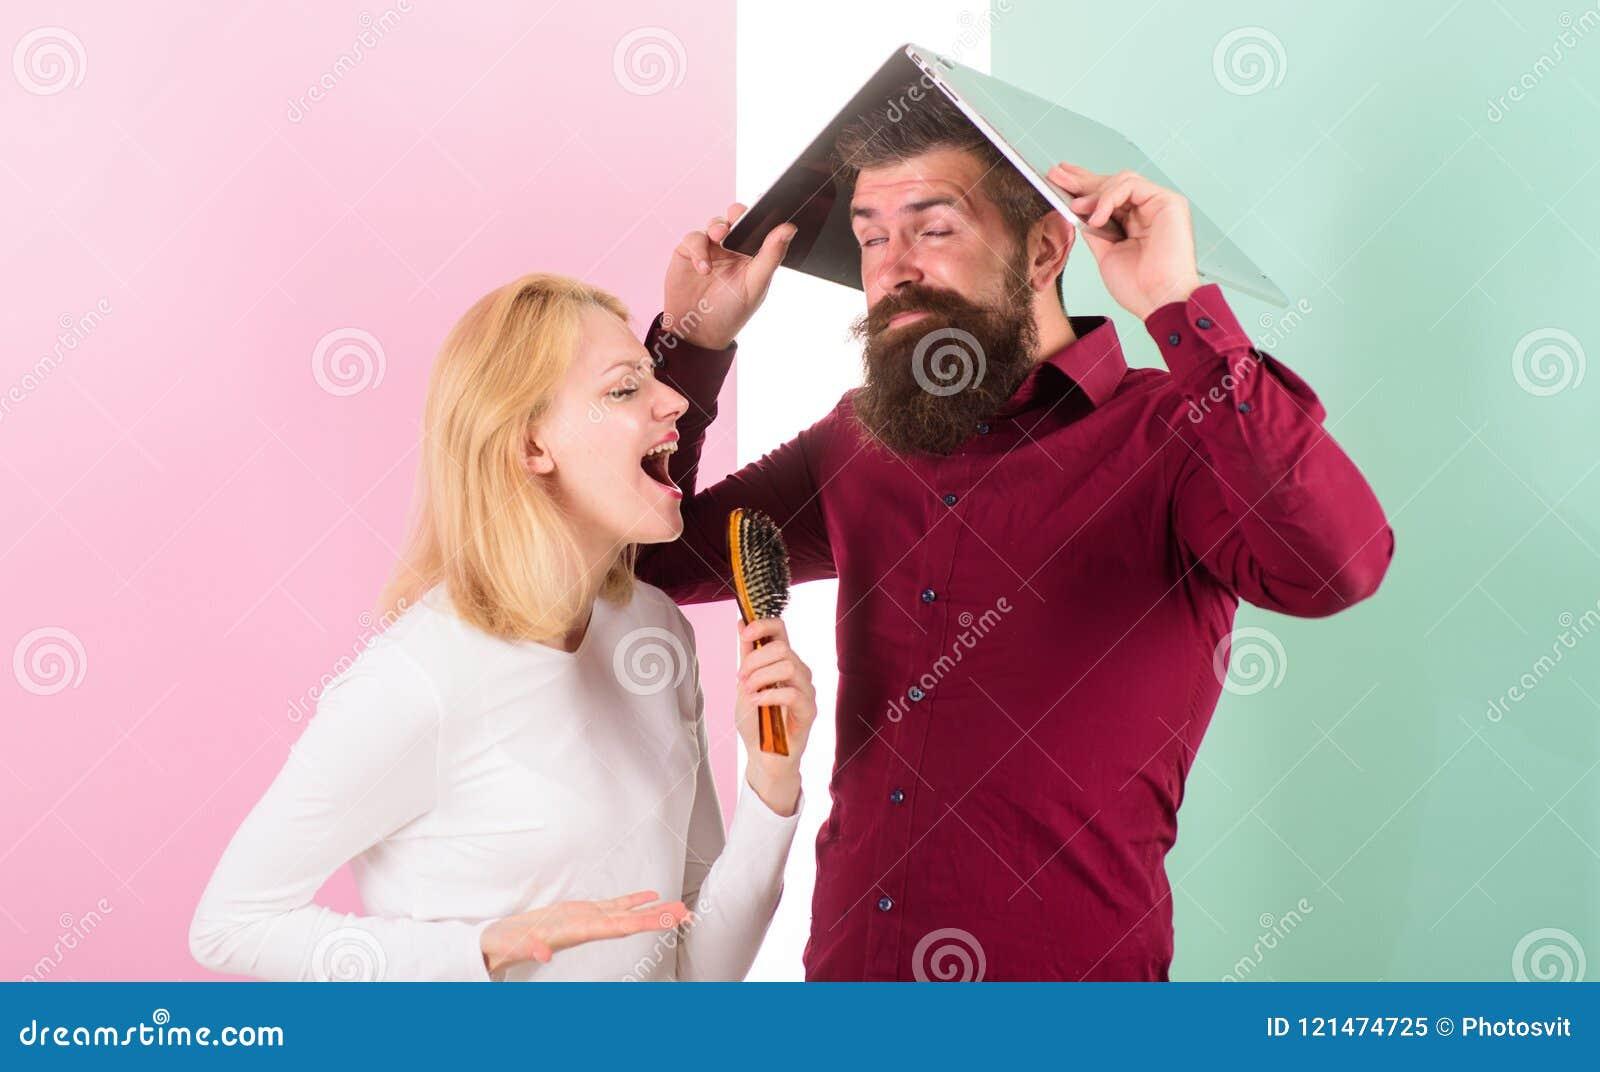 Μην μπορέστε να σταματήσετε το τραγούδι στο κεφάλι της Καλύτερα τραγουδήστε στο ταλέντο παρουσιάζει απ ό, τι στην εργασία Η κυρία